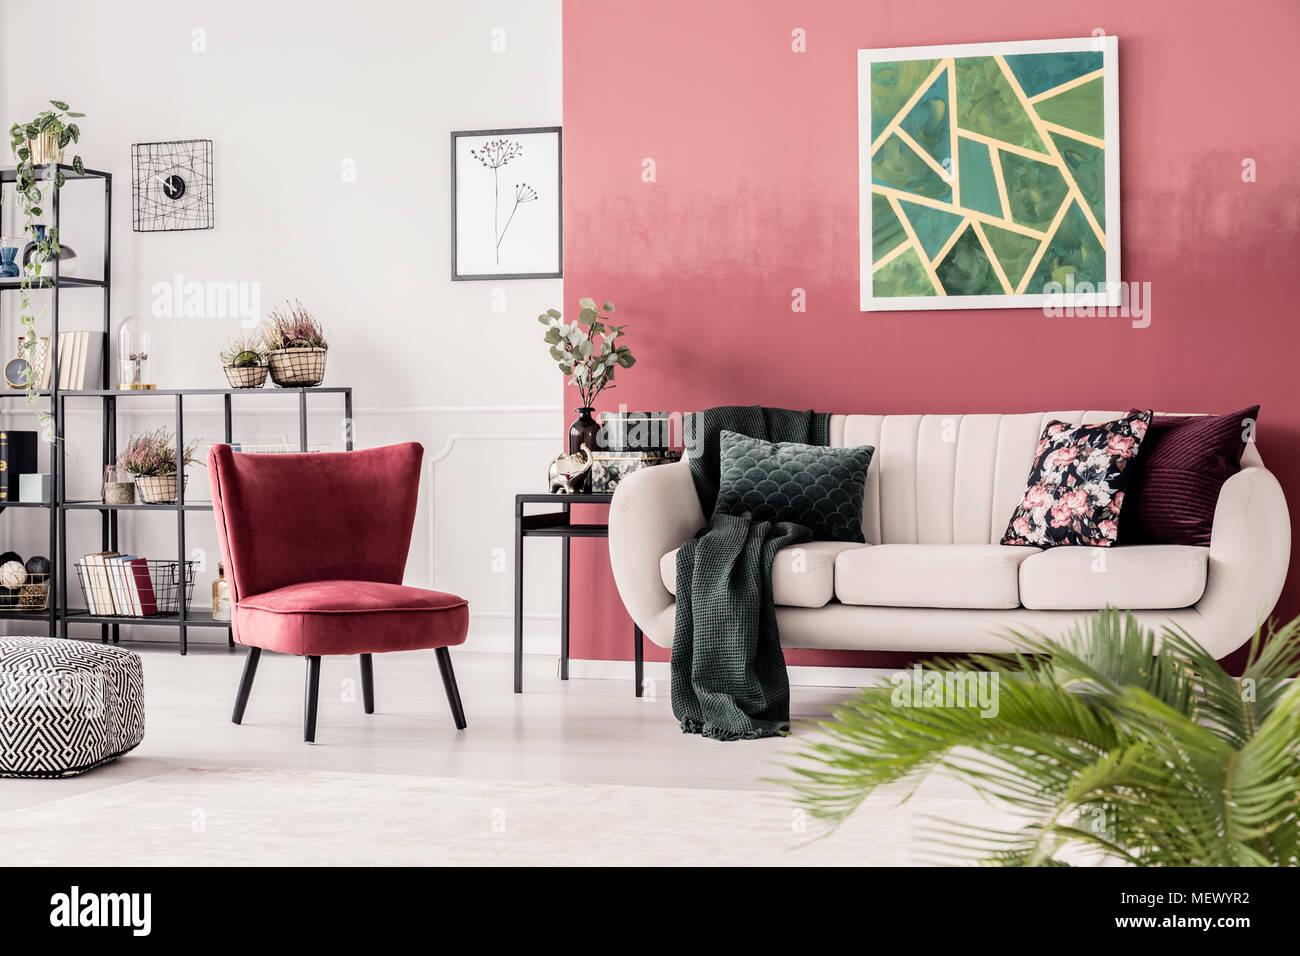 Poltrona rossa accanto al divano beige contro la parete verde con ...